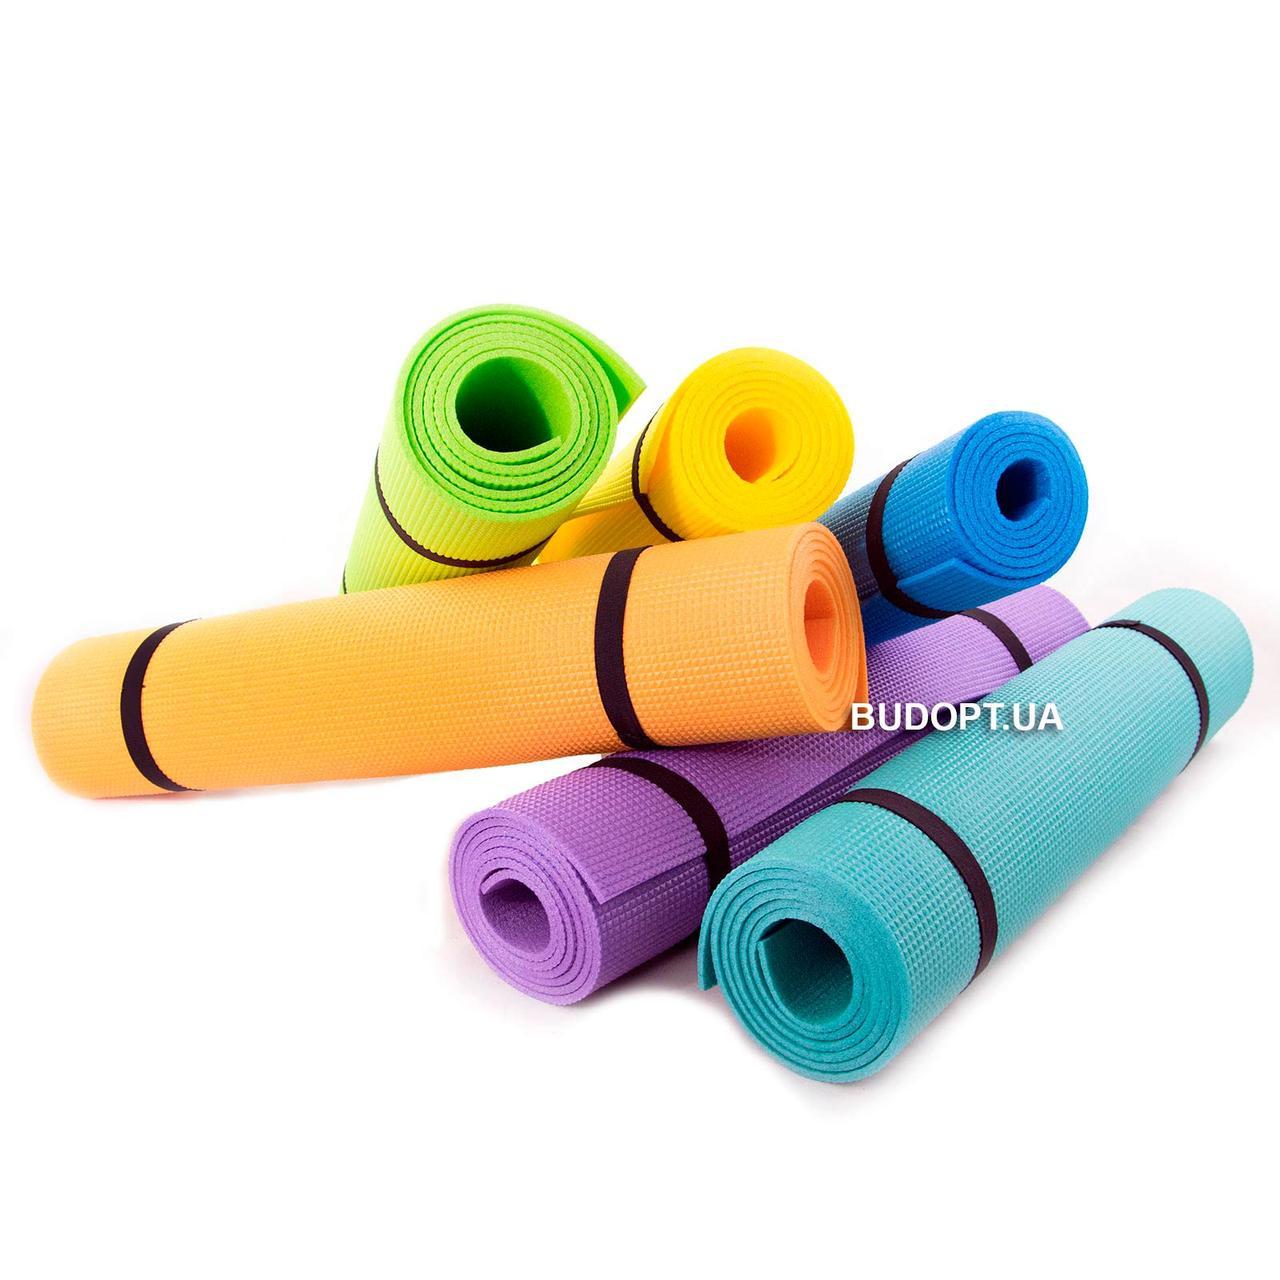 Коврик (каремат) для йоги, фитнеса, танцев OSPORT Колибри (FI-0077) - Интернет-магазин БудОпт в Днепре